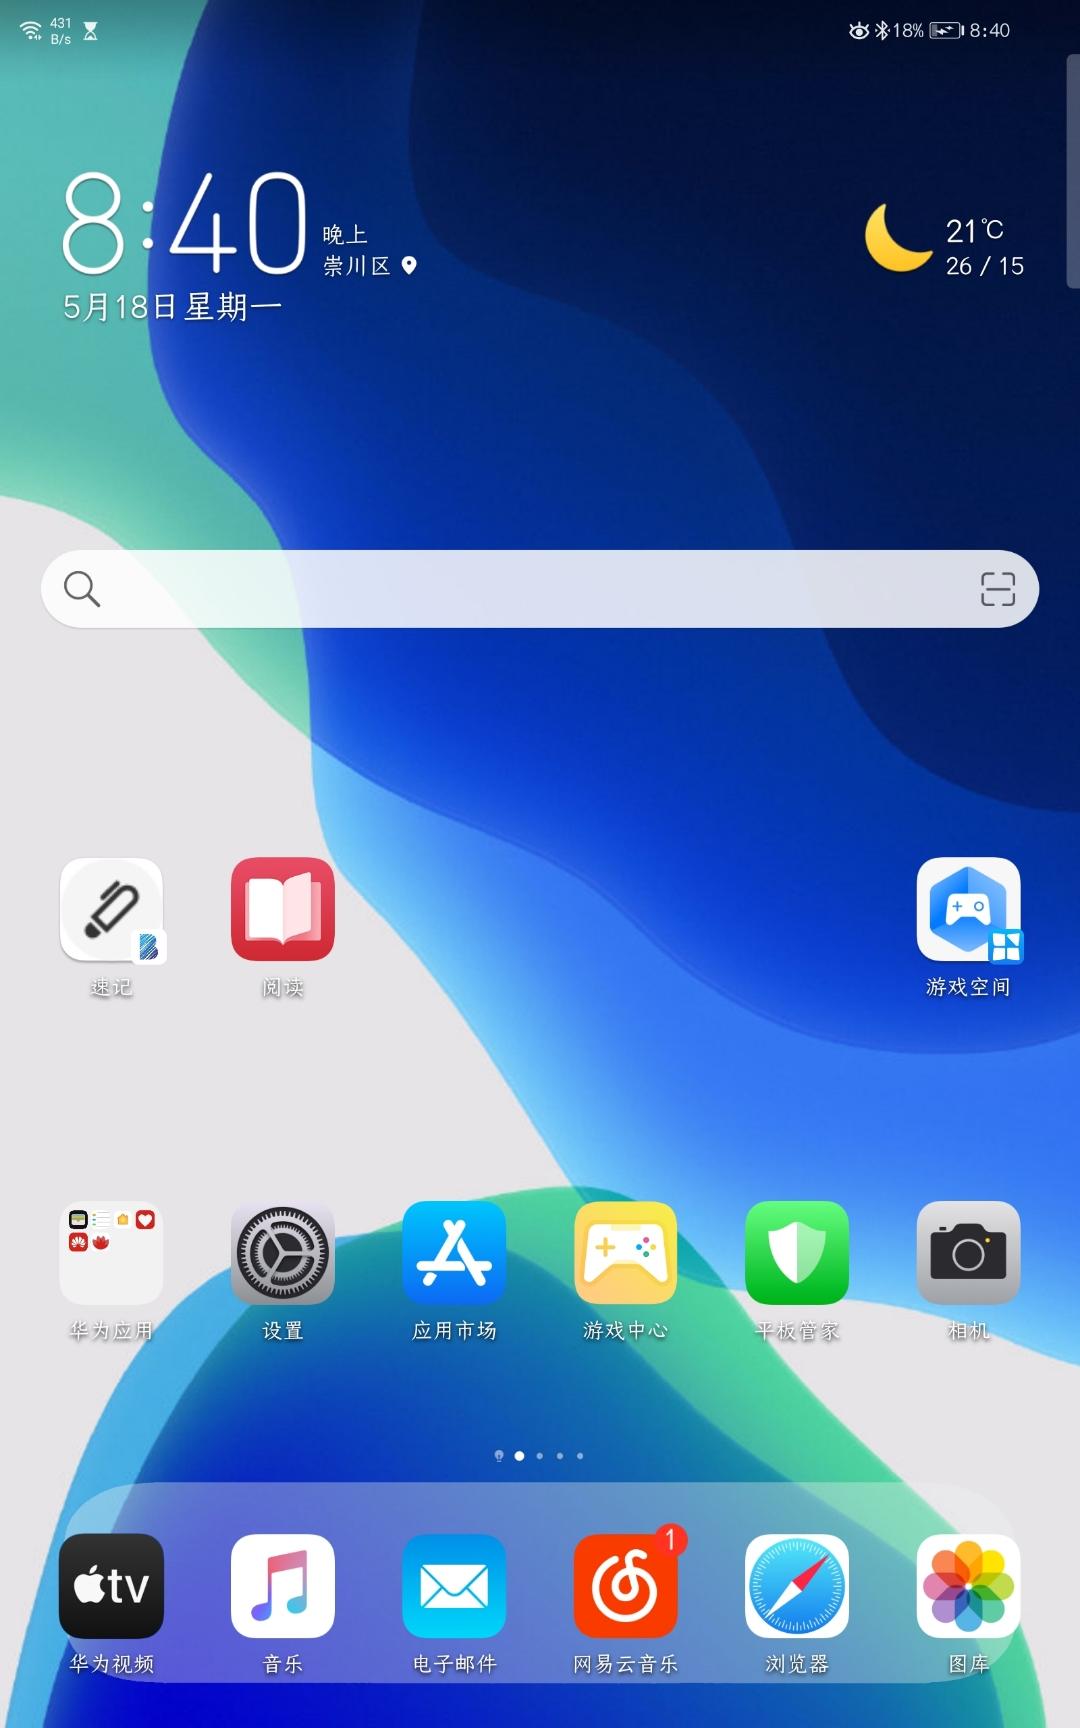 Screenshot_20200518_204010_com.huawei.android.launcher.jpg